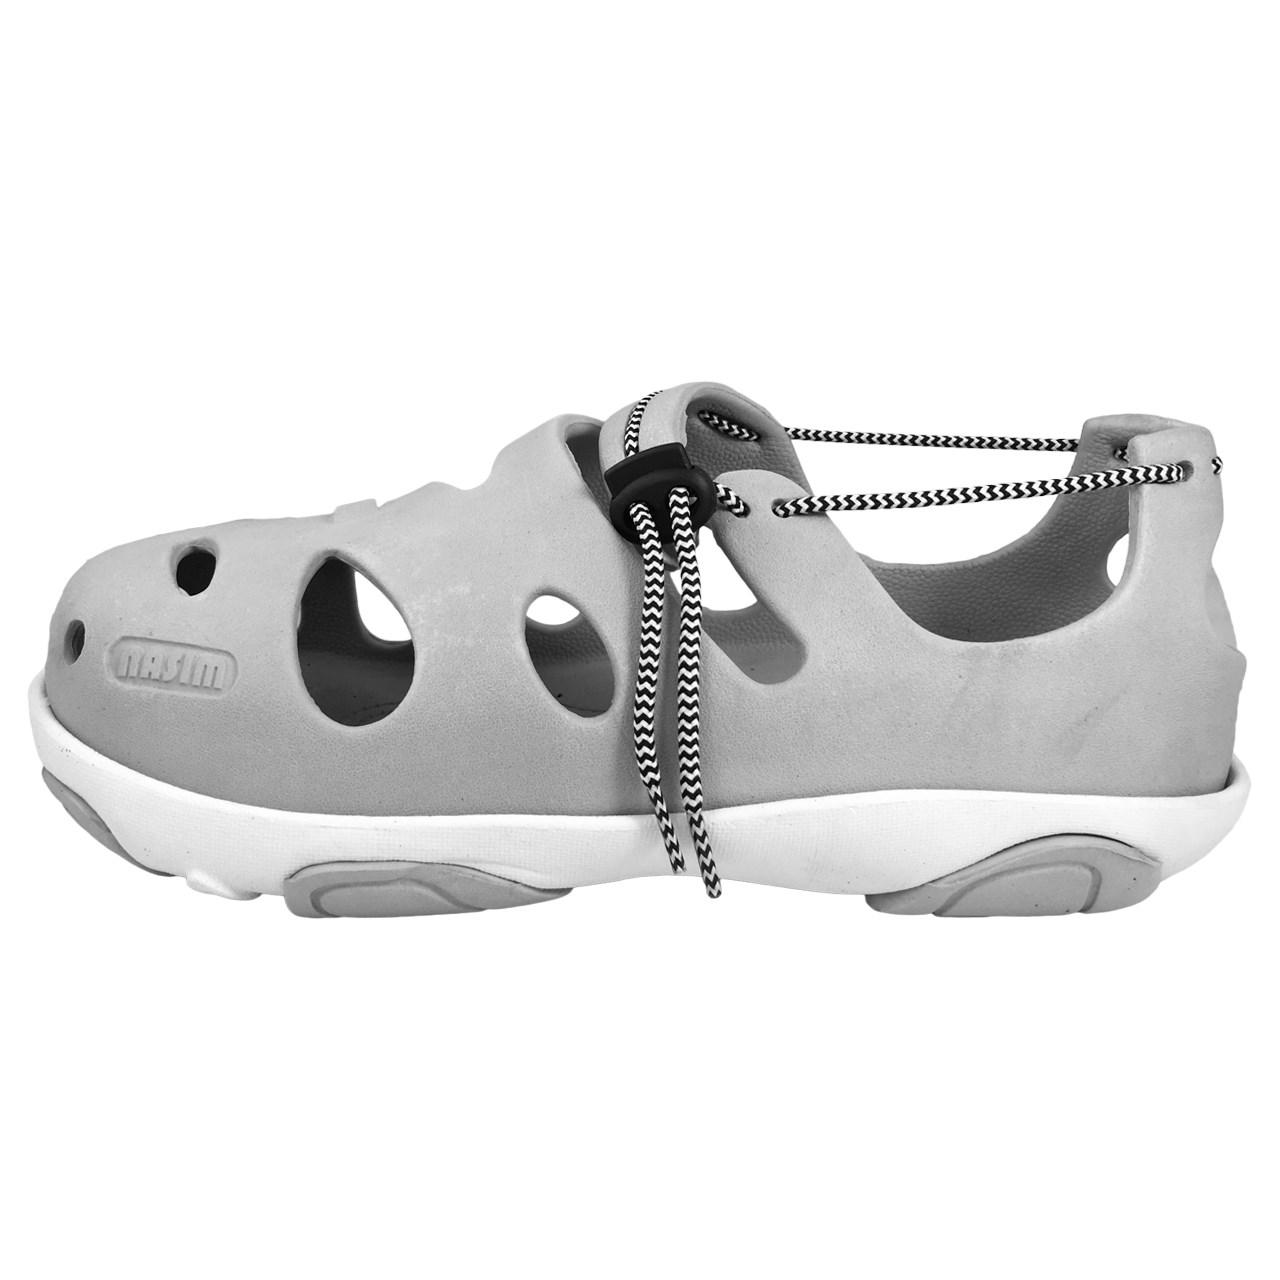 کفش ساحلی مردانه نسیم  مدل مراکش کد 2325